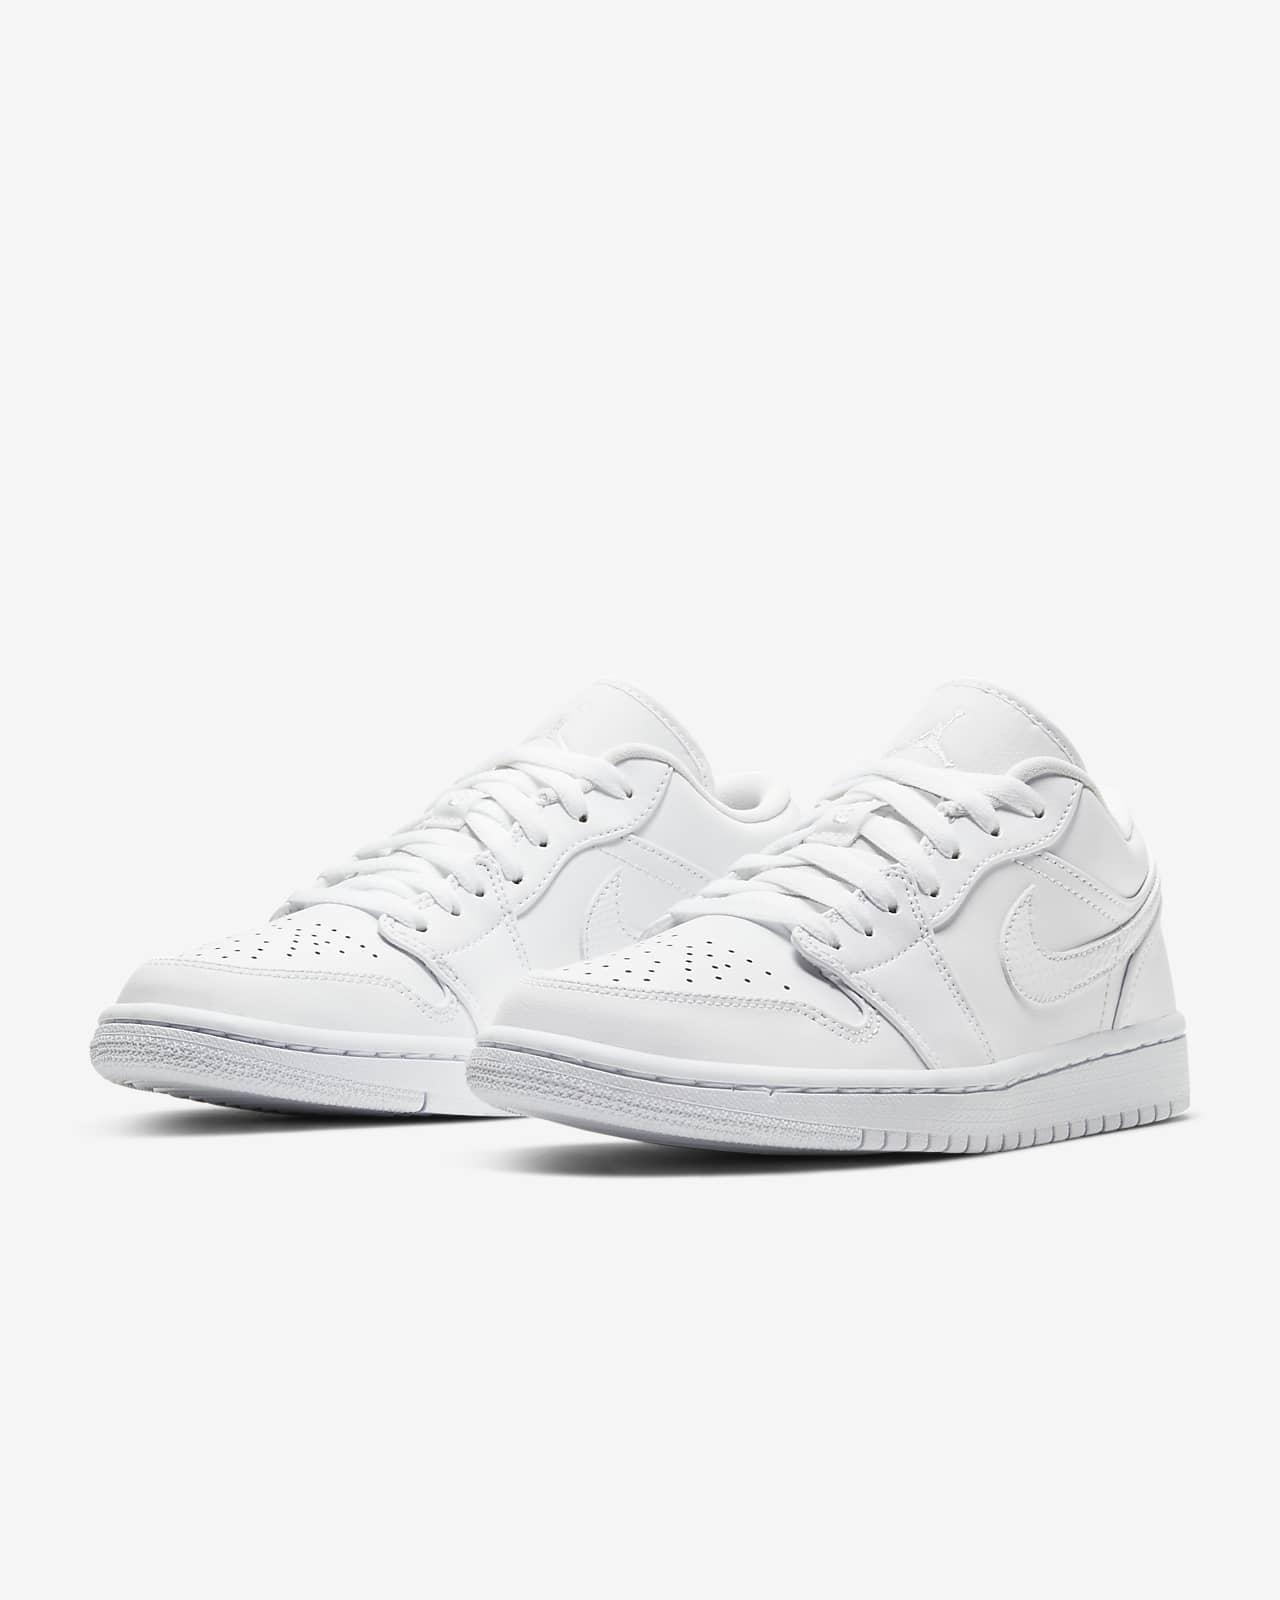 Air Jordan 1 Low Women's Shoes